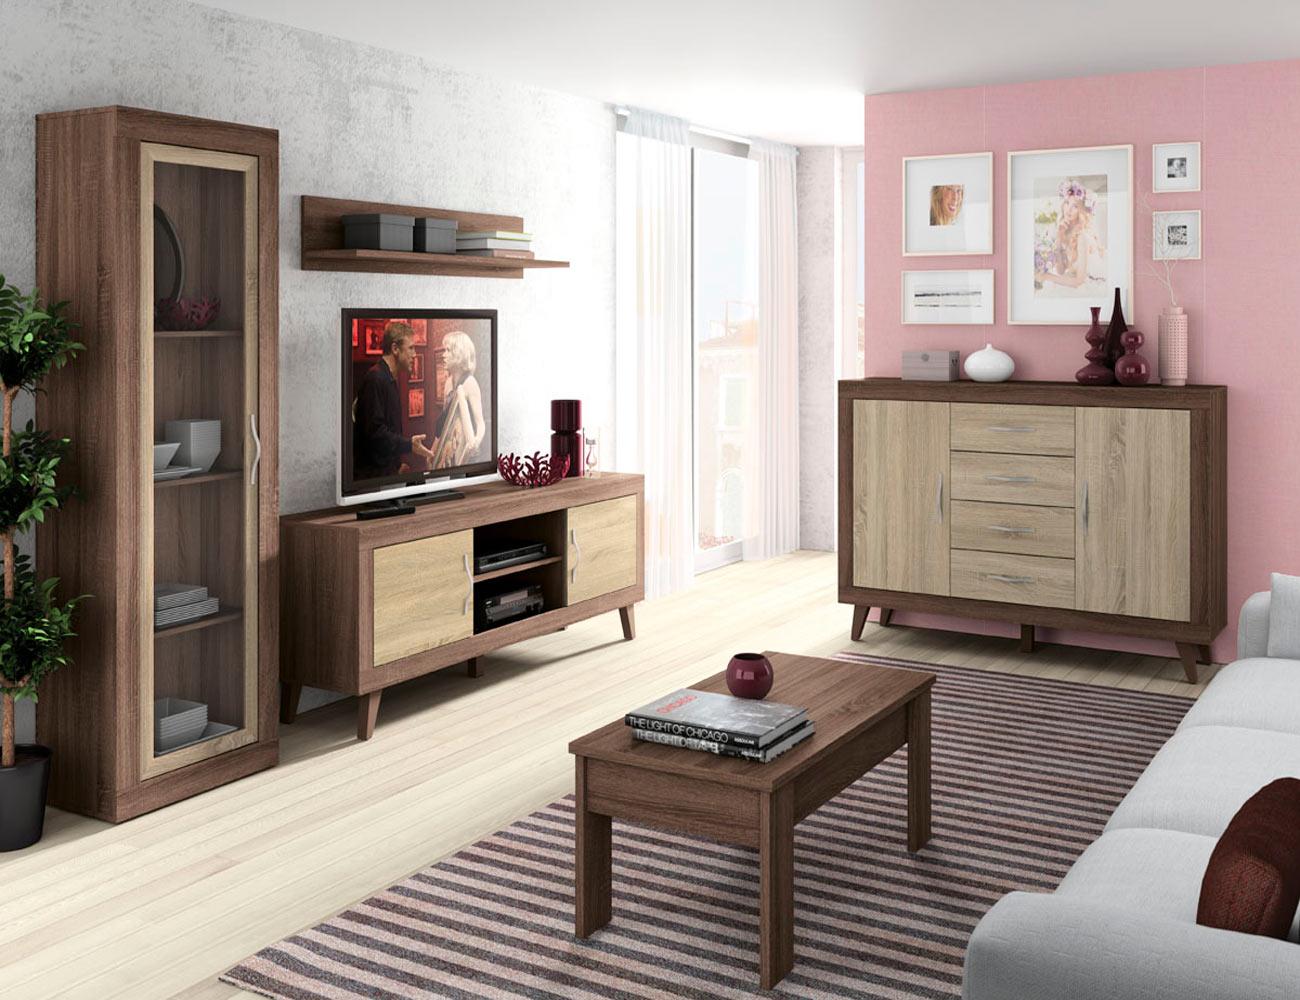 168 mueble salon comedor vitrina bajo tv mesa centro britannia cambrian1